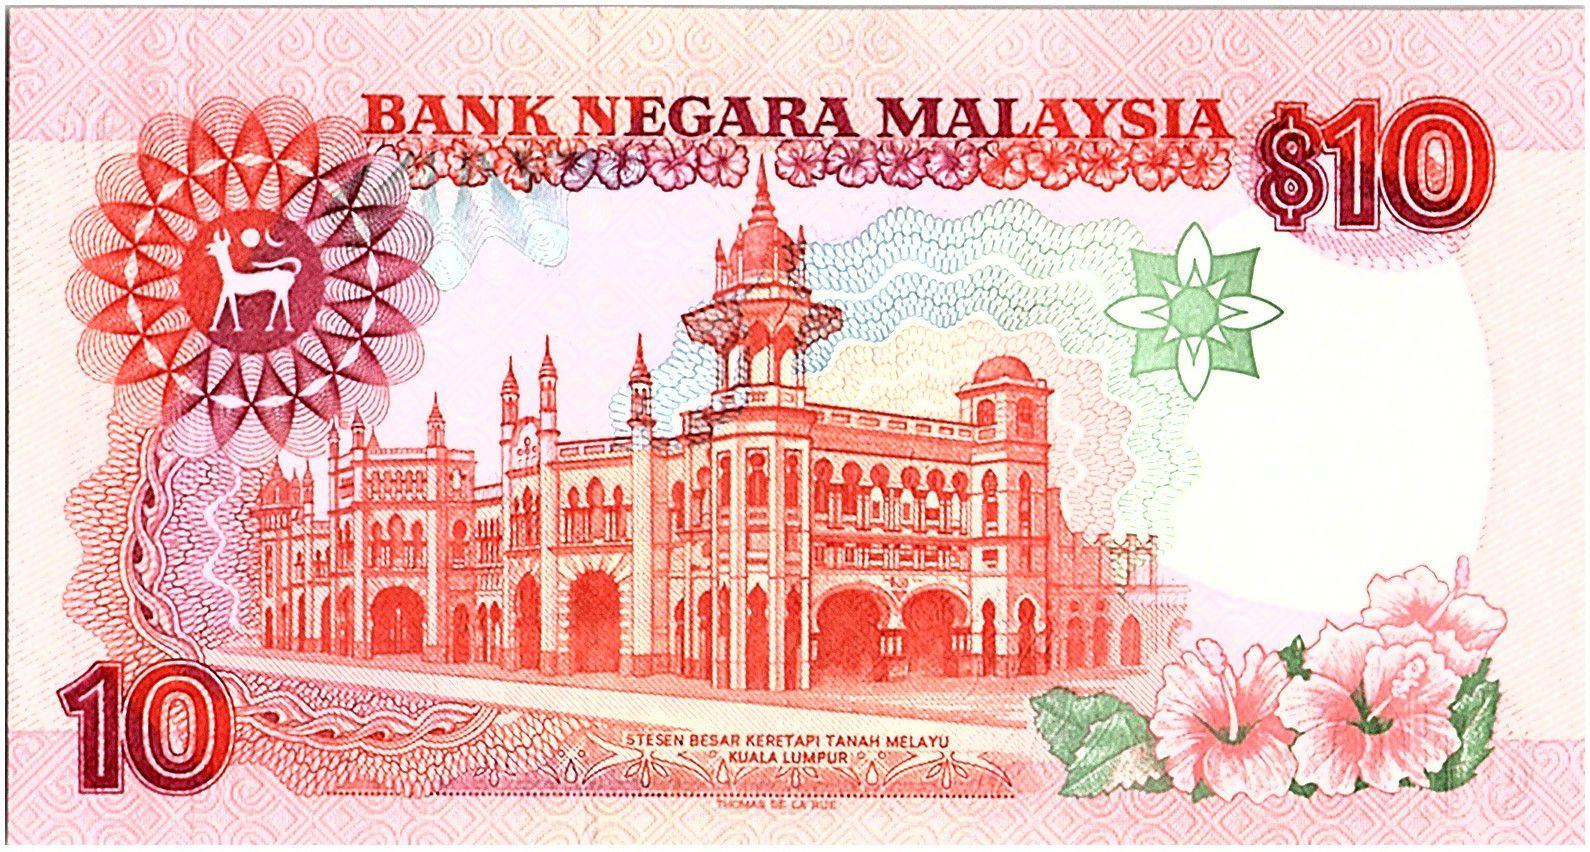 Malaisie 10 Ringgit, T.A. Rahman  - 1989 - P.29